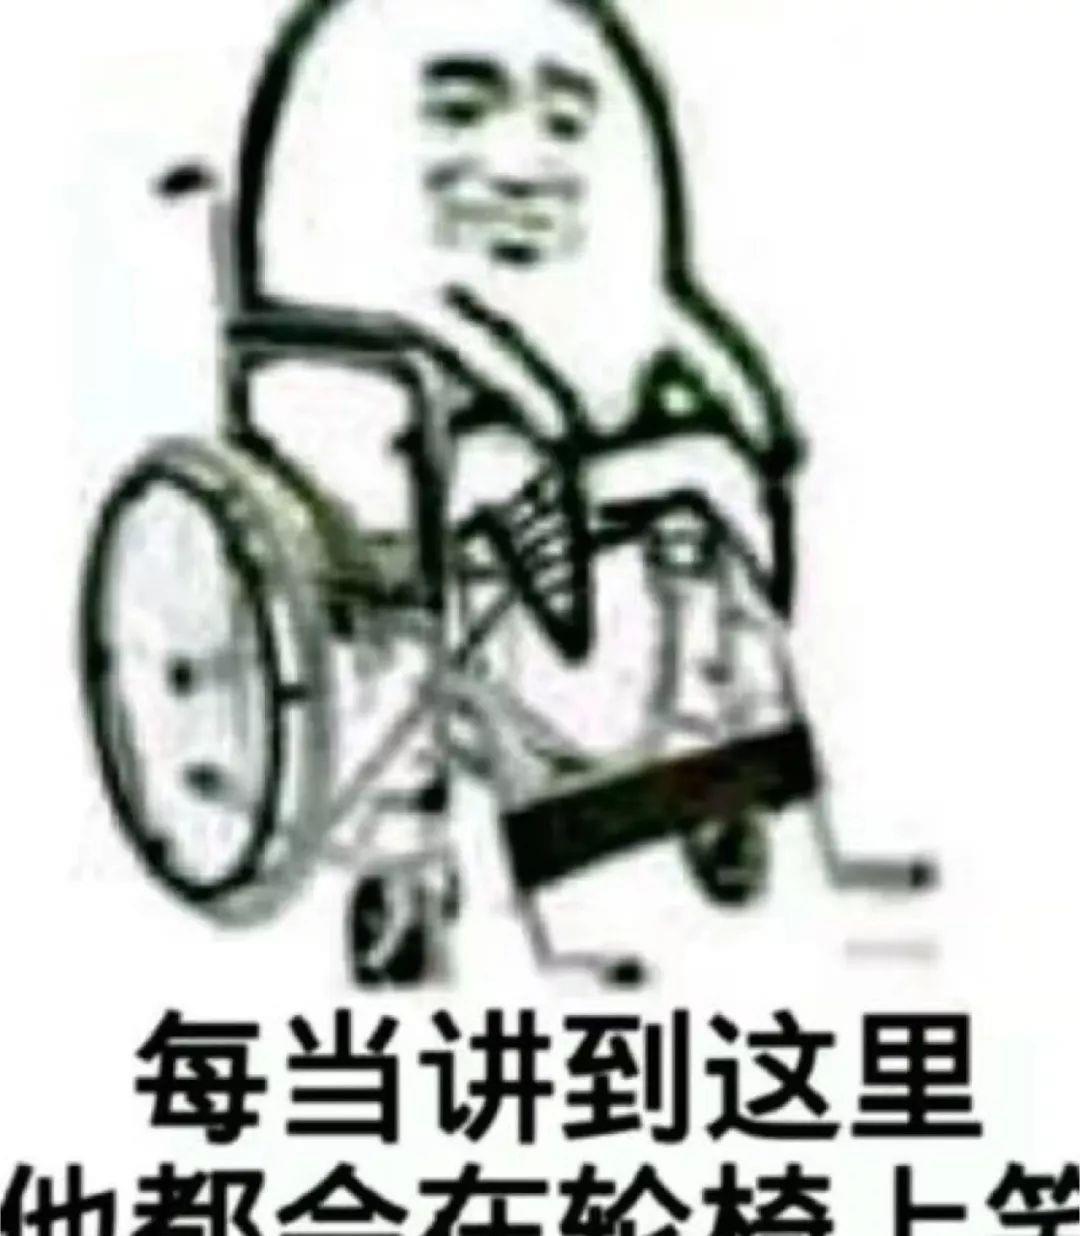 一年夺走70000条生命!这些中国式开车恶习有多可怕?